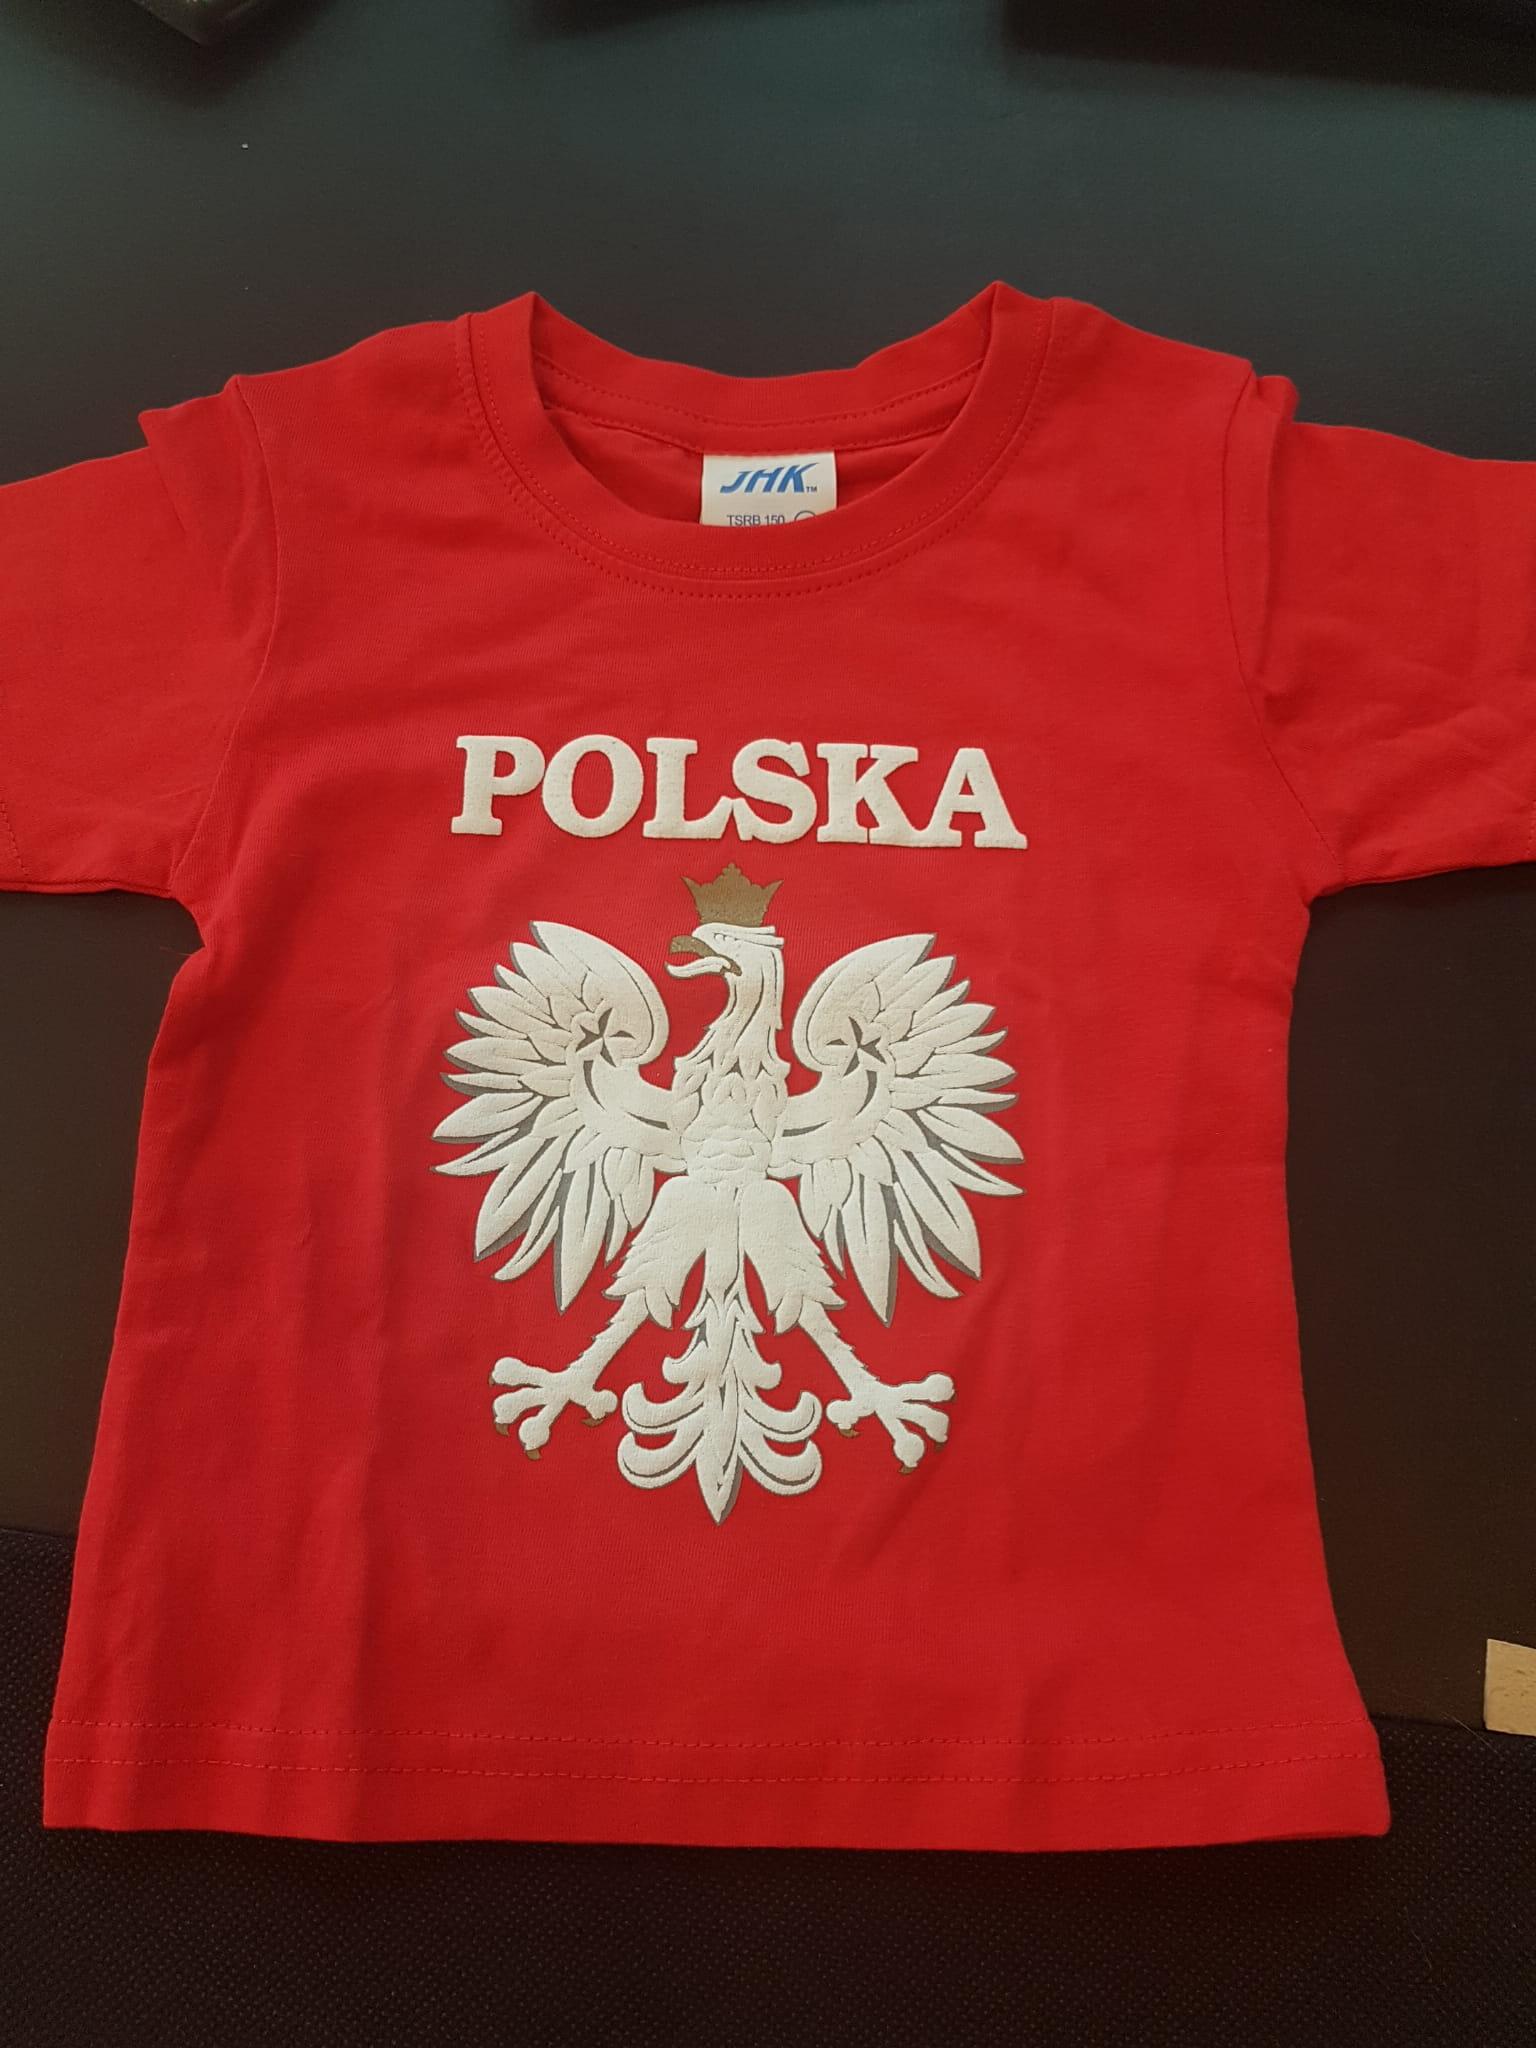 9ab806f2c857 Koszulka Polska z godłem - dla dzieci EKON STUDIO Sklep z flagami